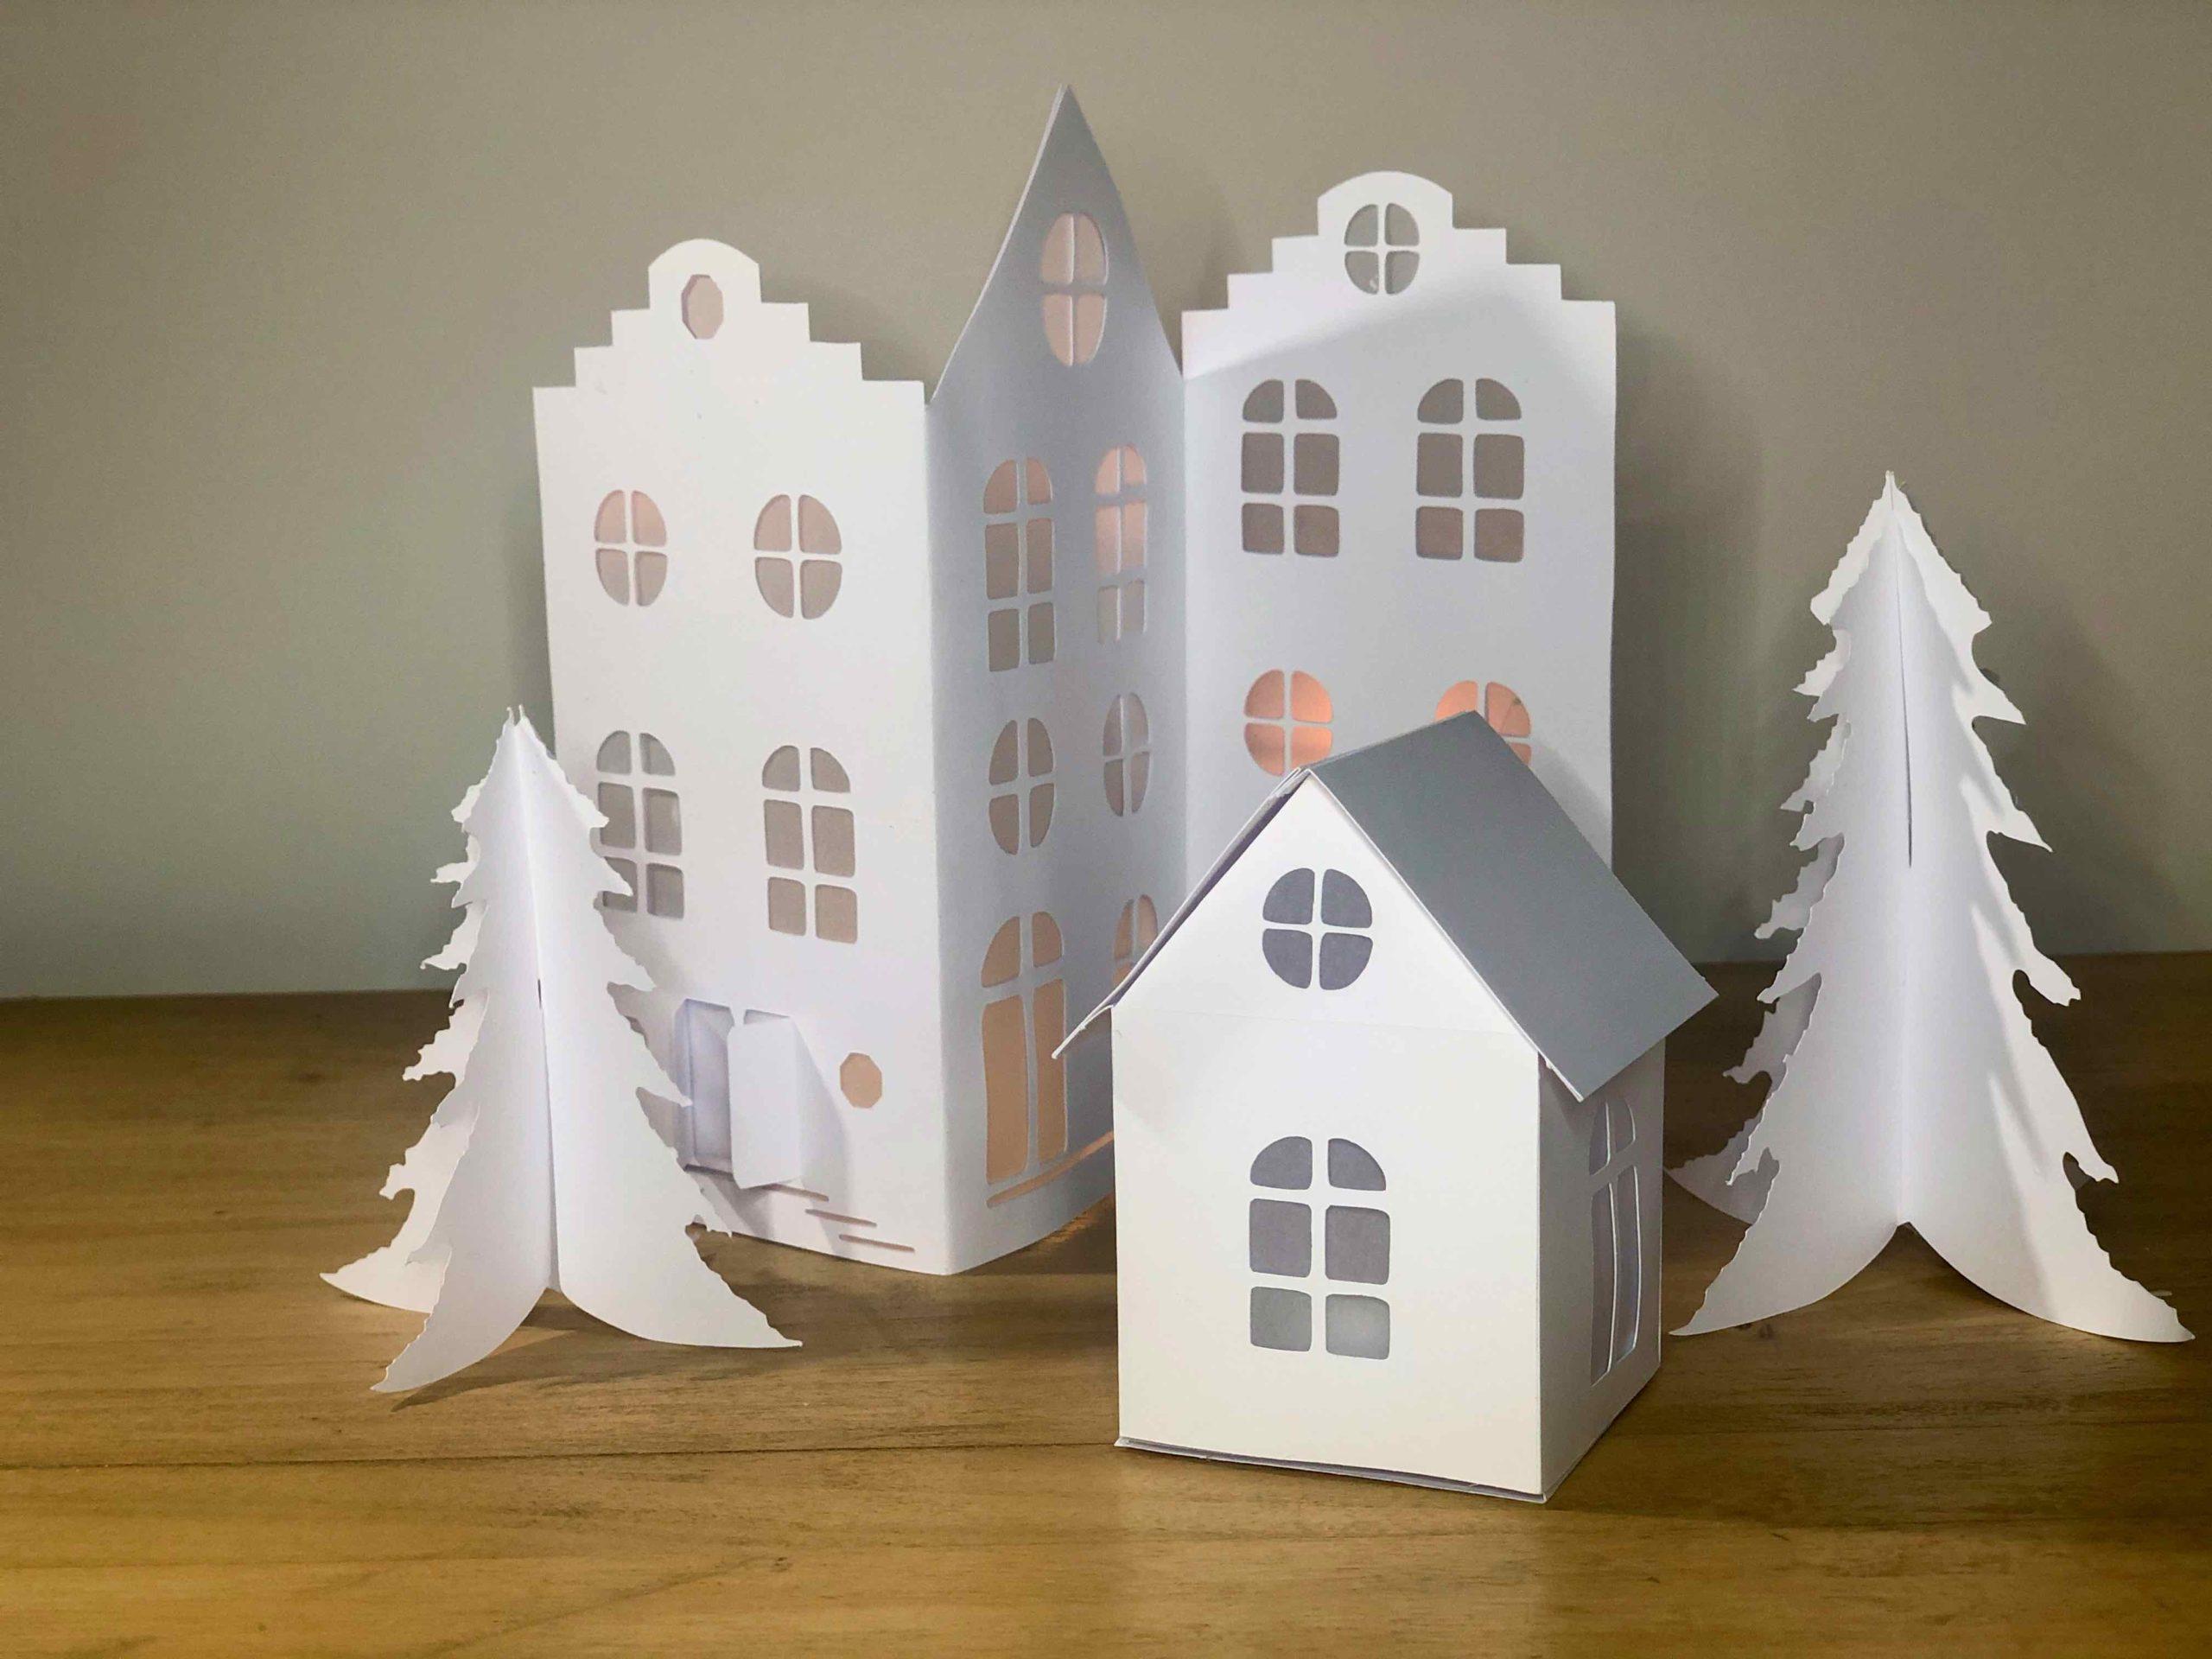 Boite maison village de noël papier